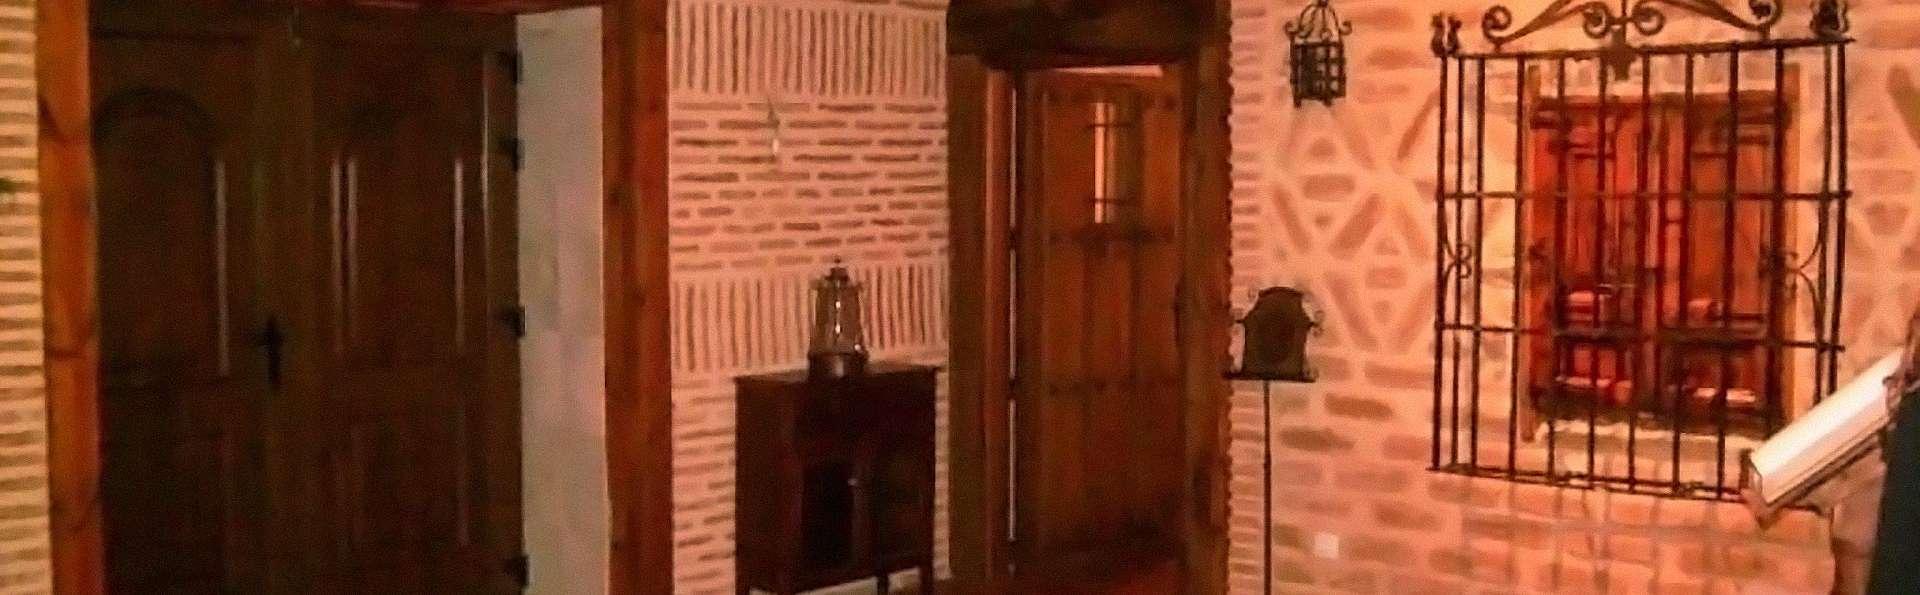 La Casona de Doña Petra - EDIT_FRONT_02.jpg